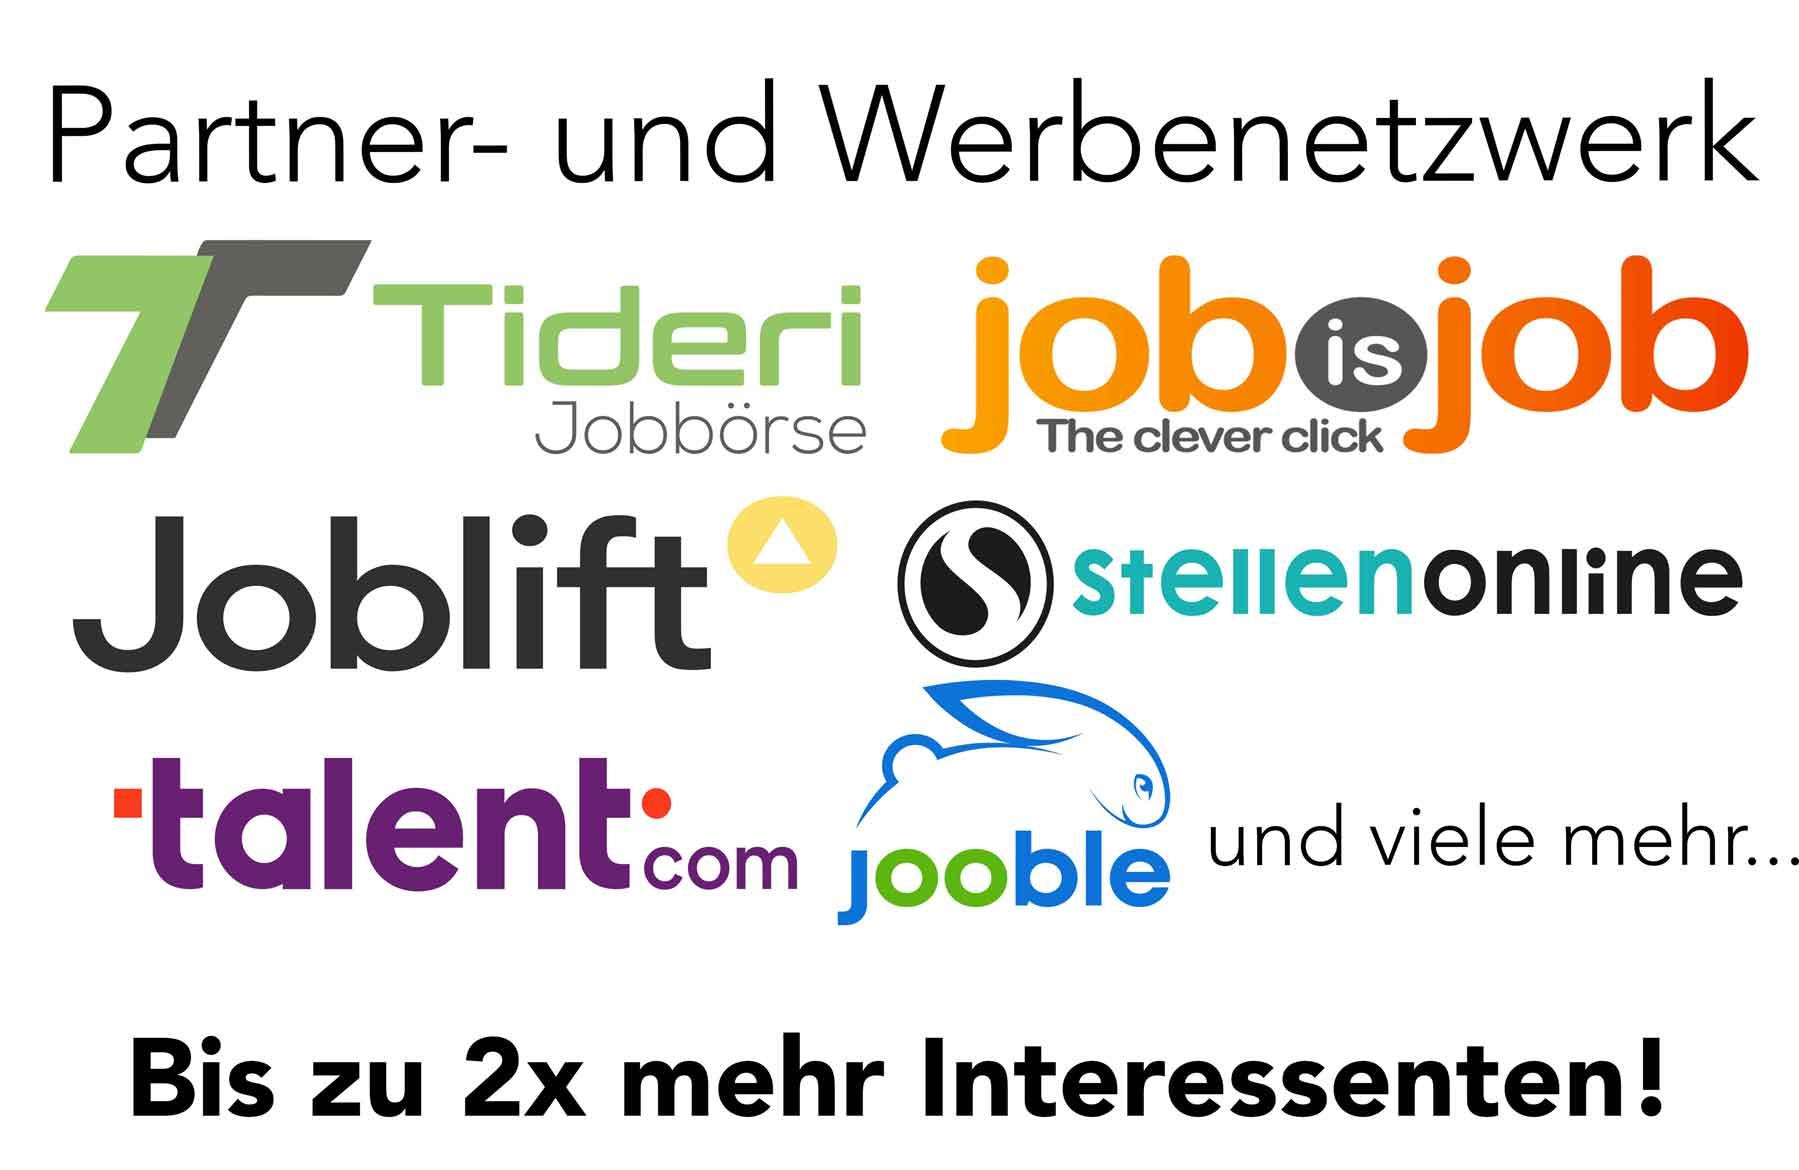 jobs für niedersachsen.de  Partner und Werbenetzwerke